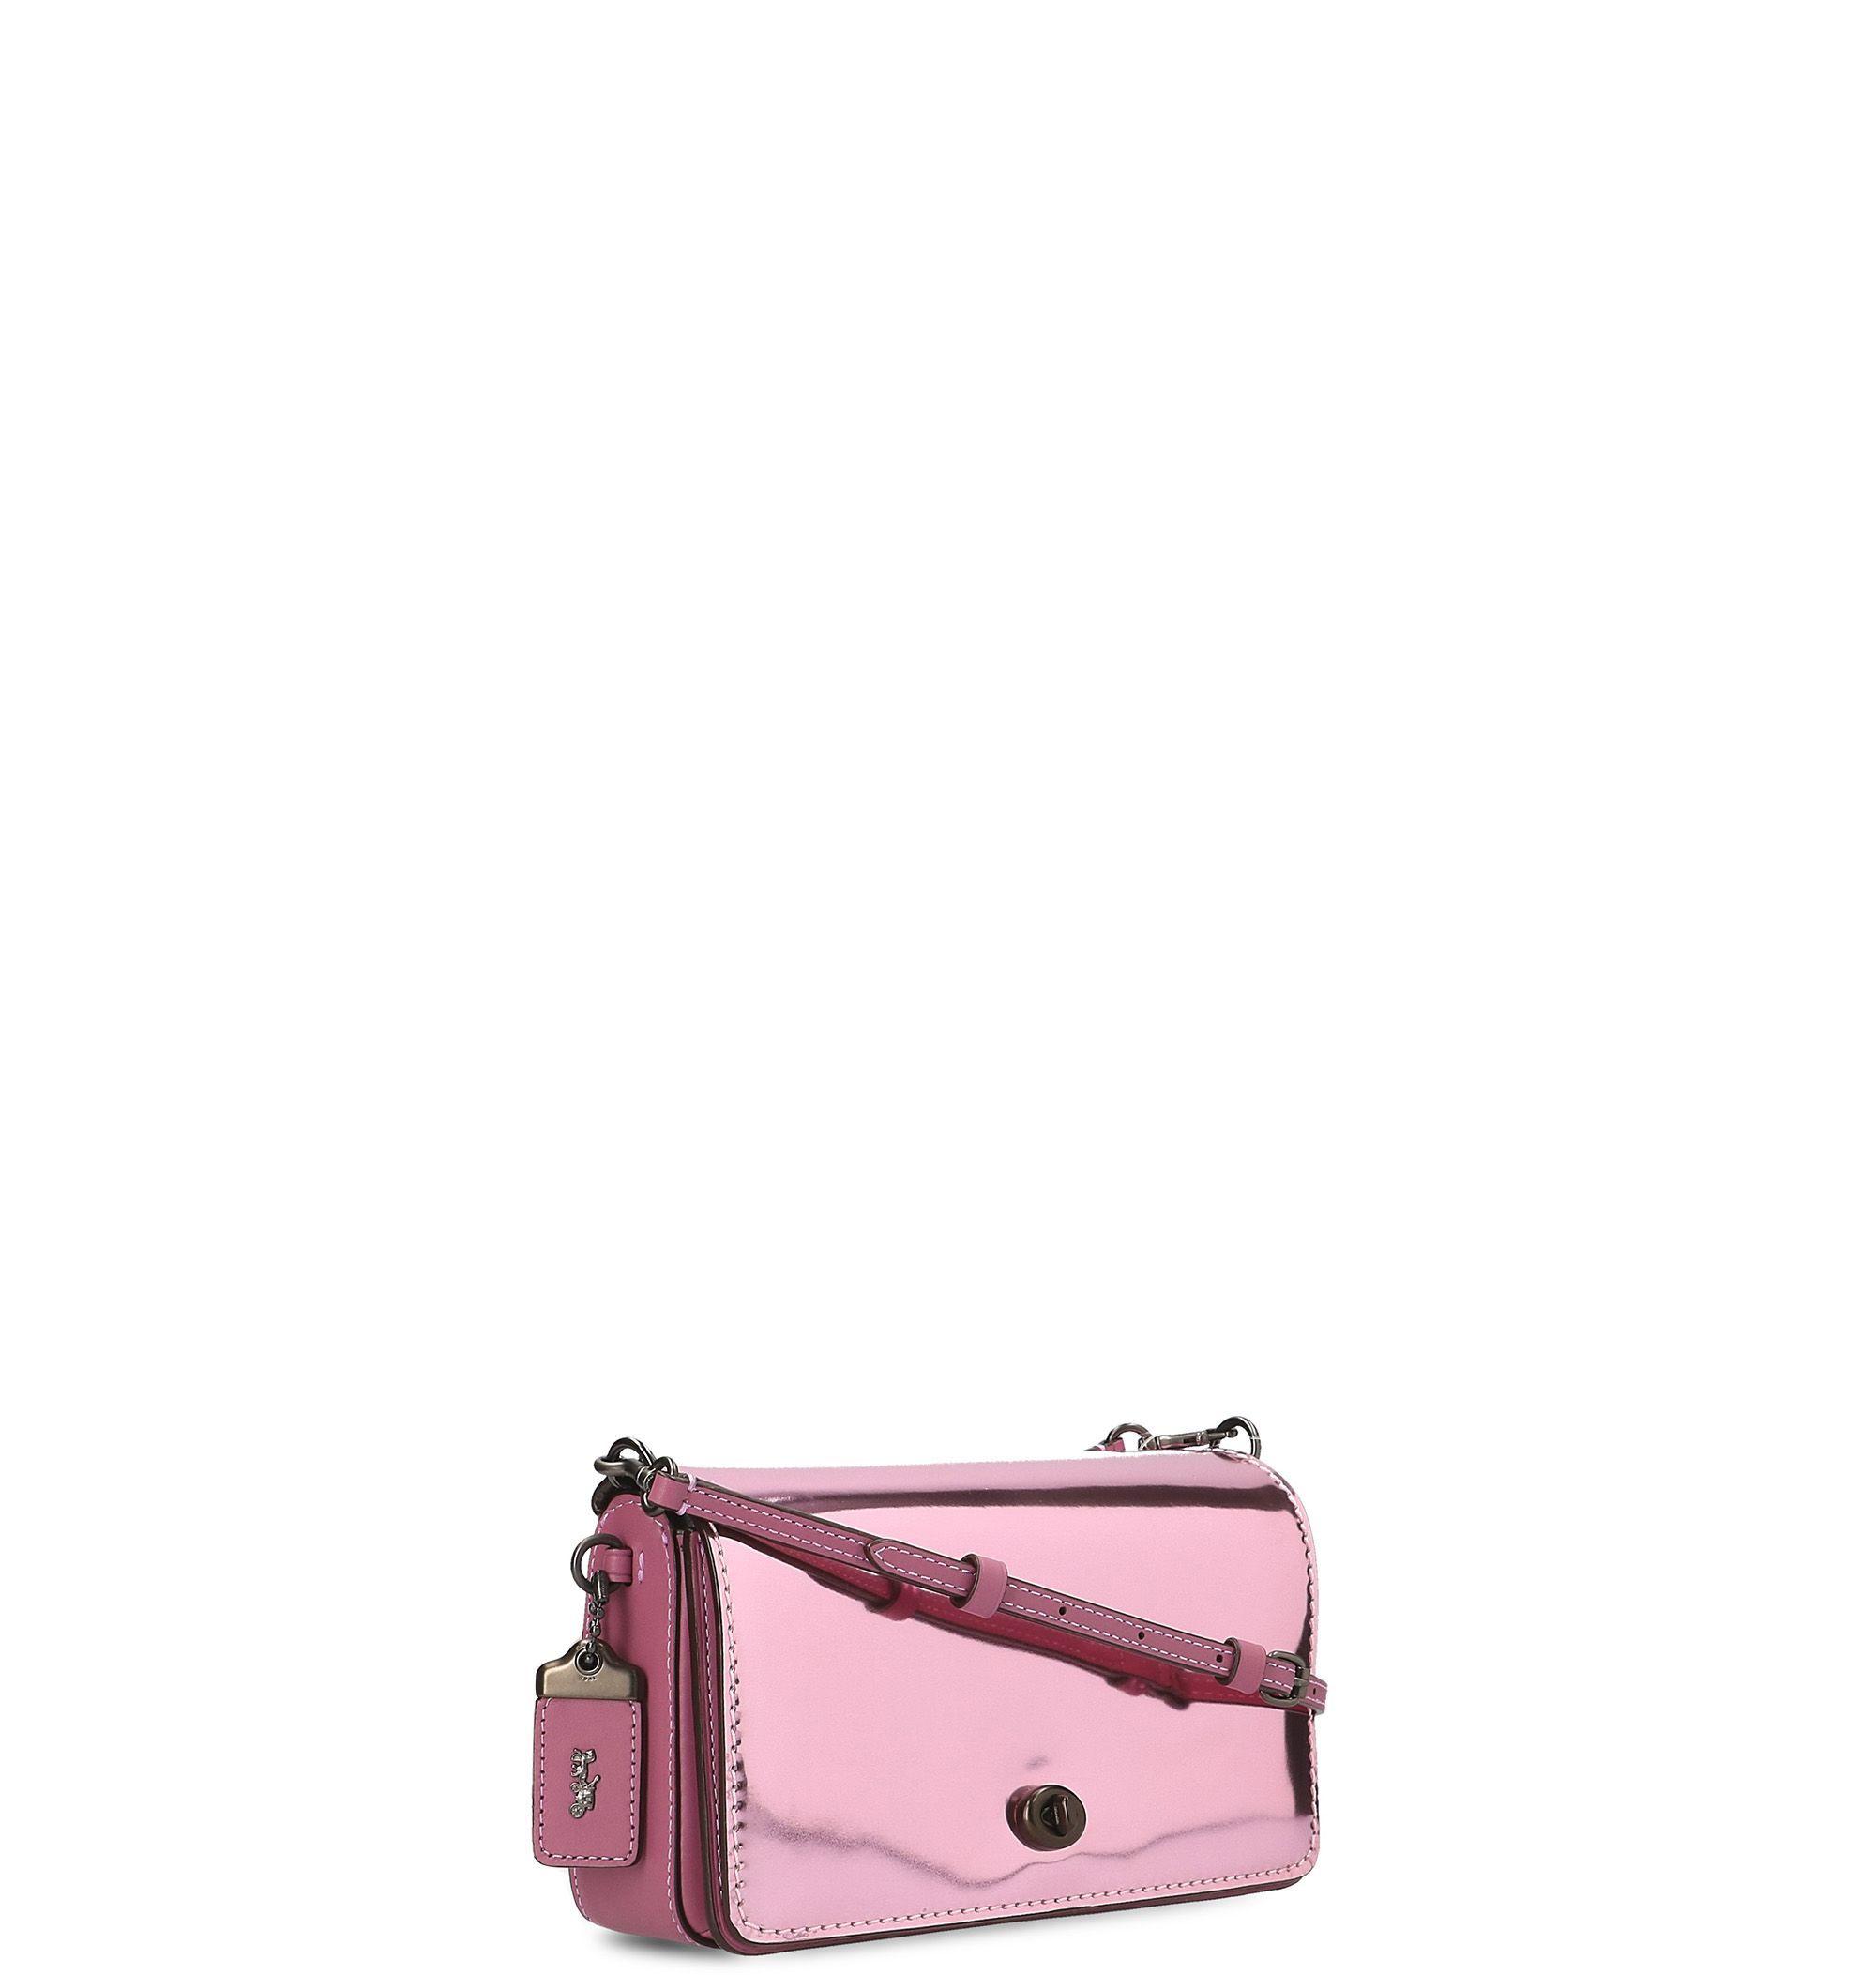 COACH WOMEN'S 22832BPPK9 FUCHSIA LEATHER SHOULDER BAG